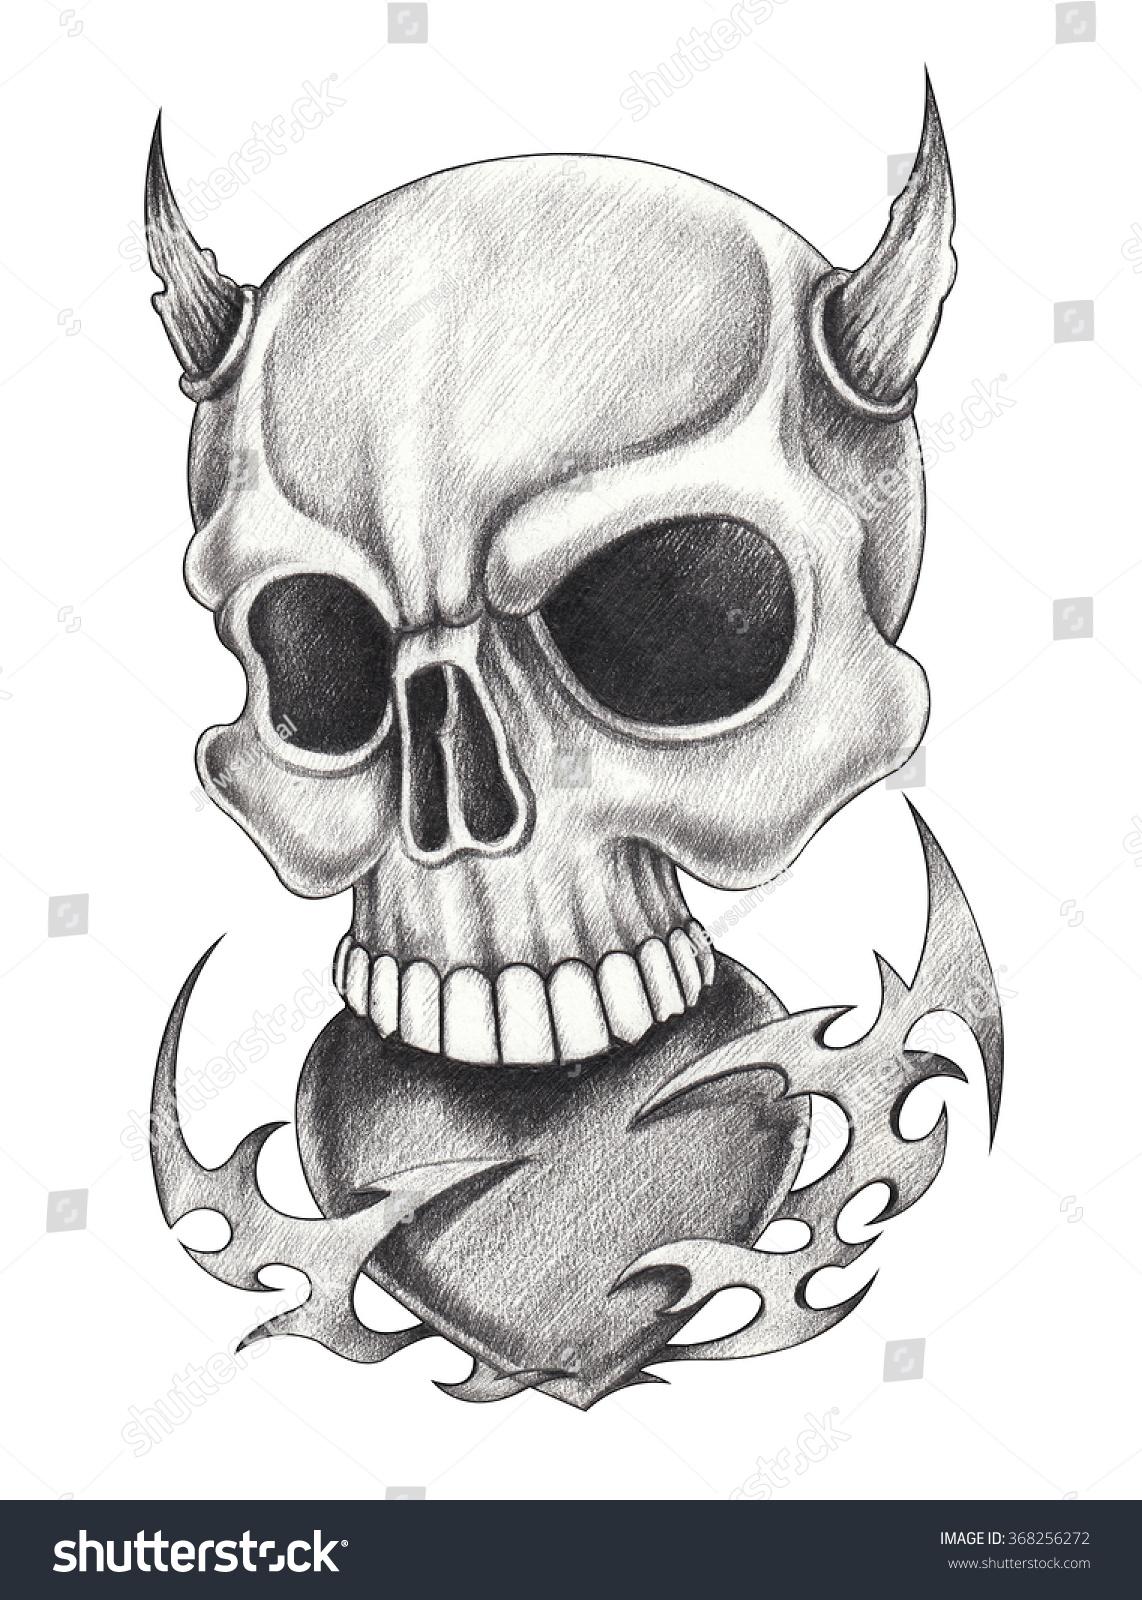 Skull heart devil tattoohand pencil drawing stock illustration 368256272